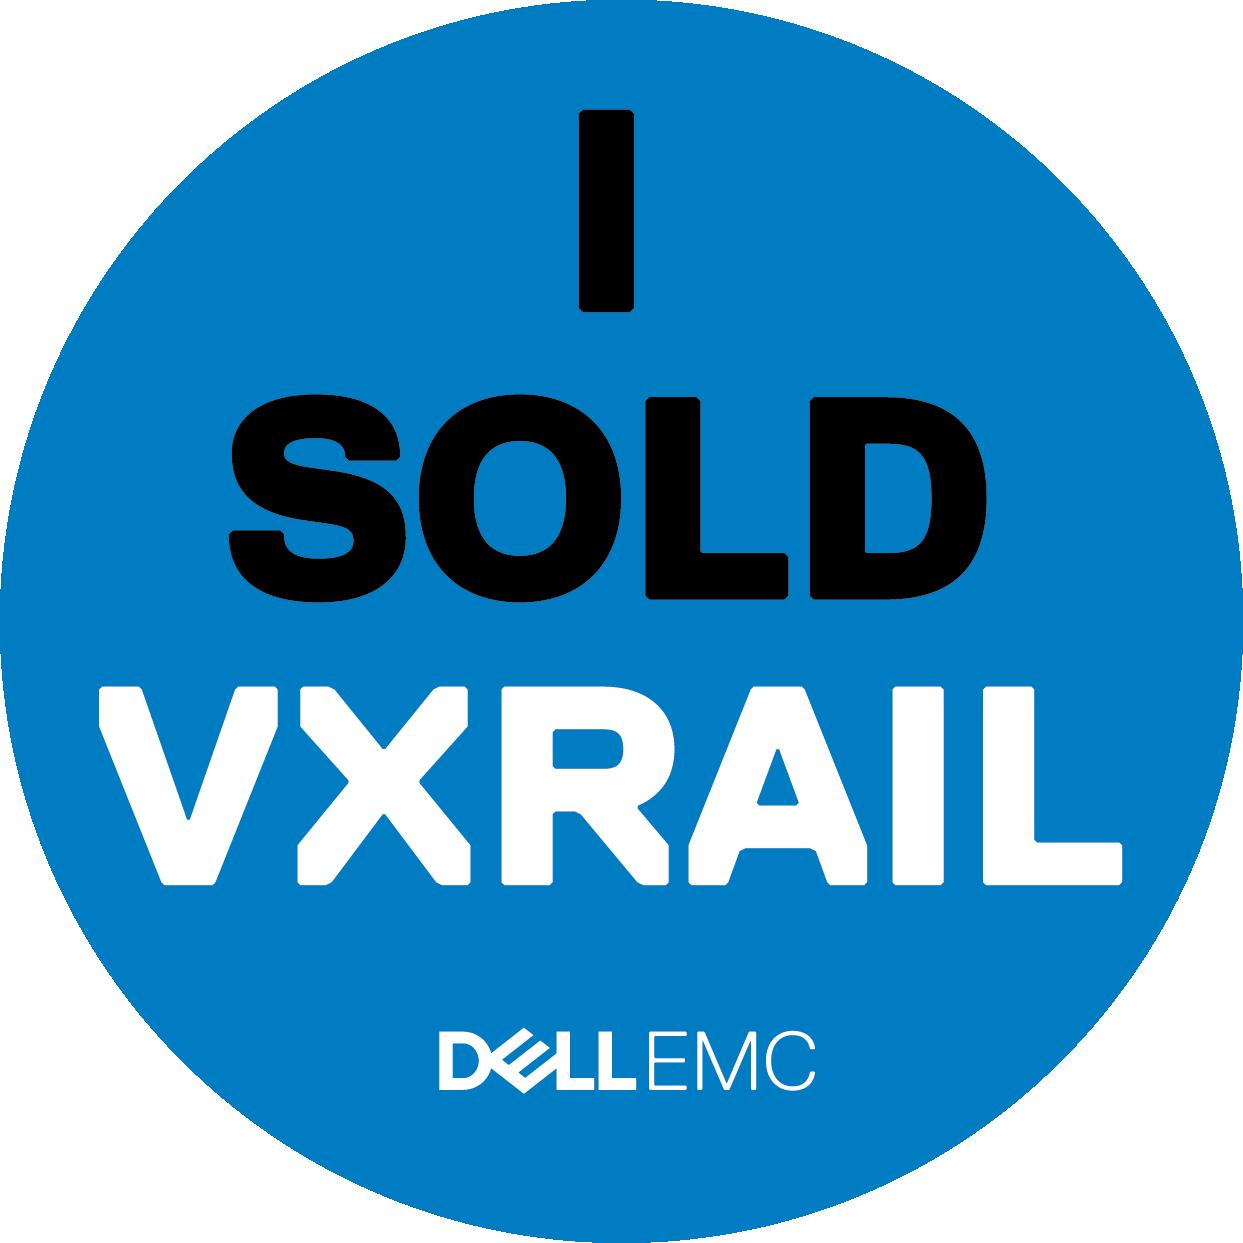 I_sold_vxrail_roundv2